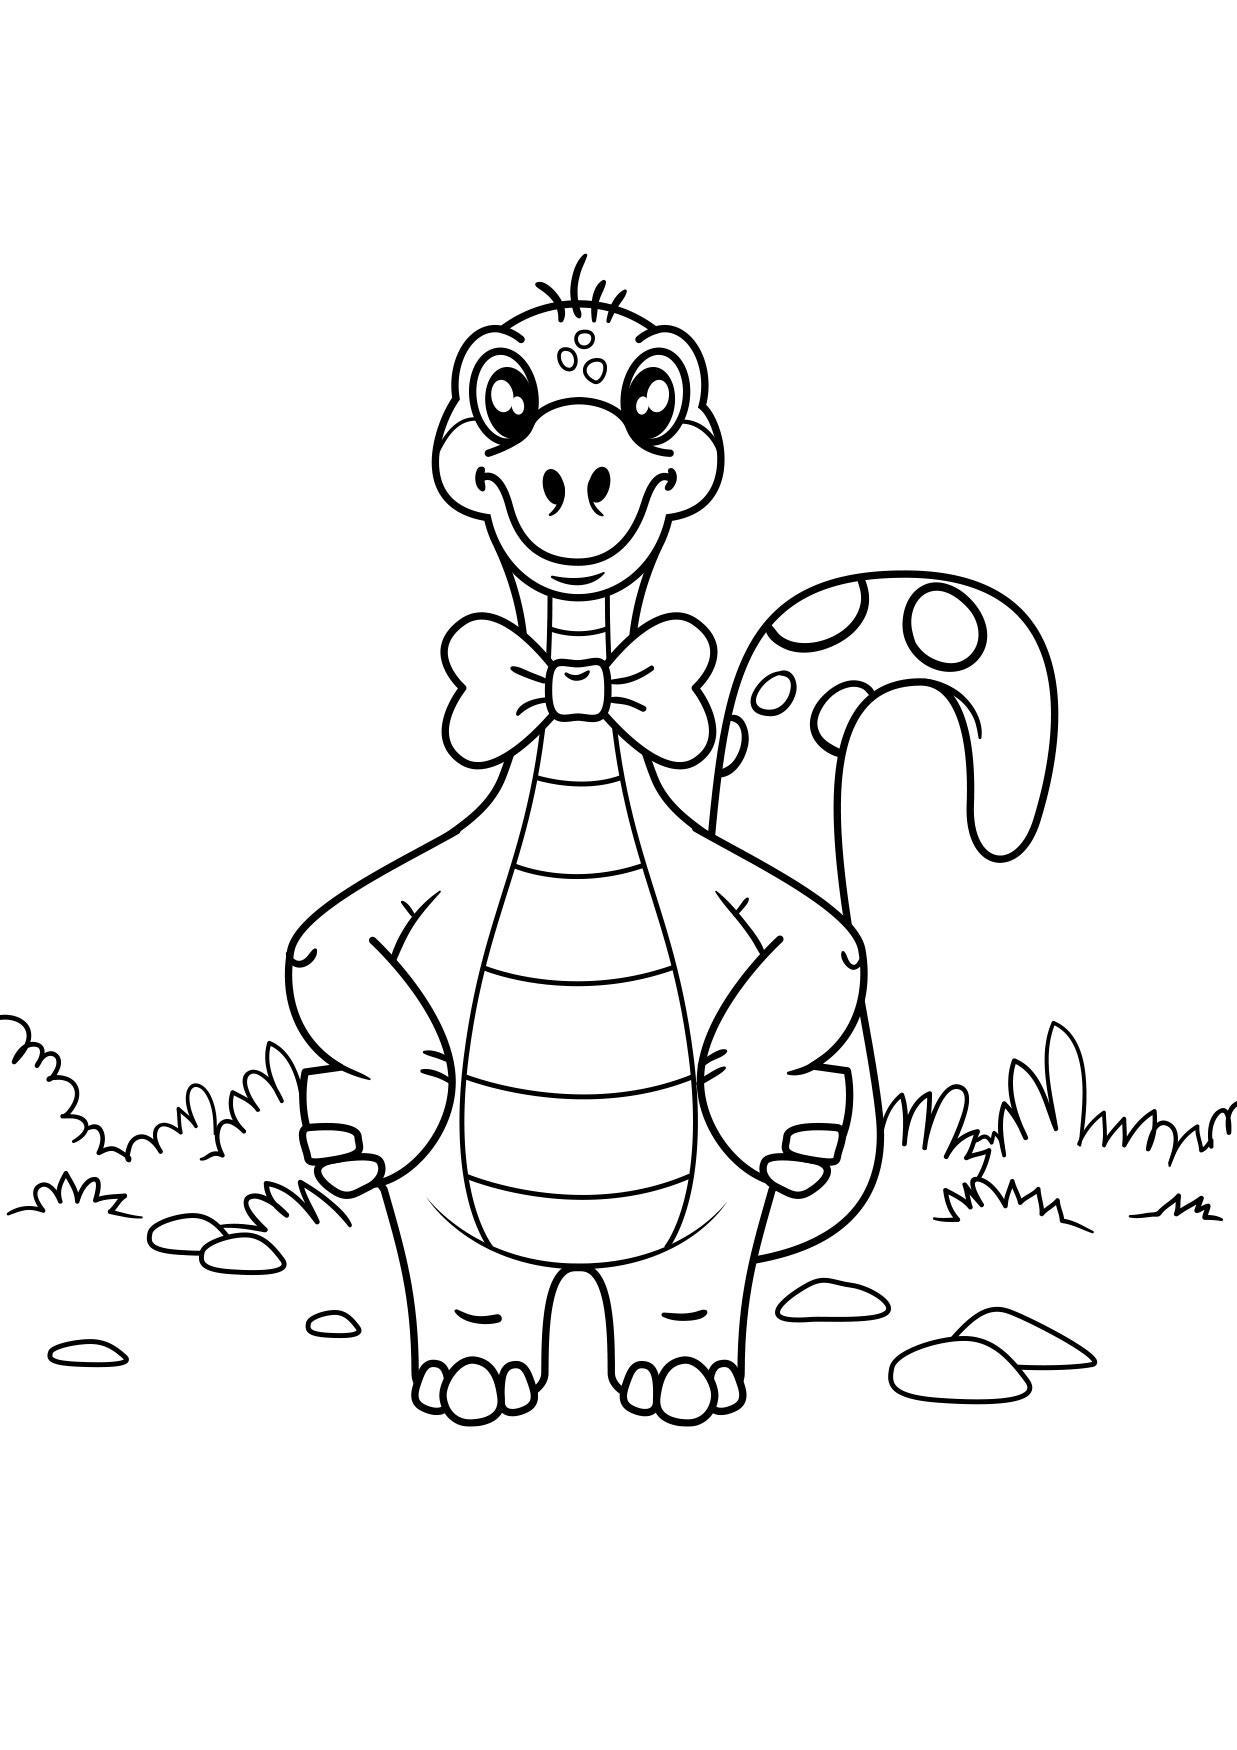 malvorlage dinosaurier mit bogen  kostenlose ausmalbilder